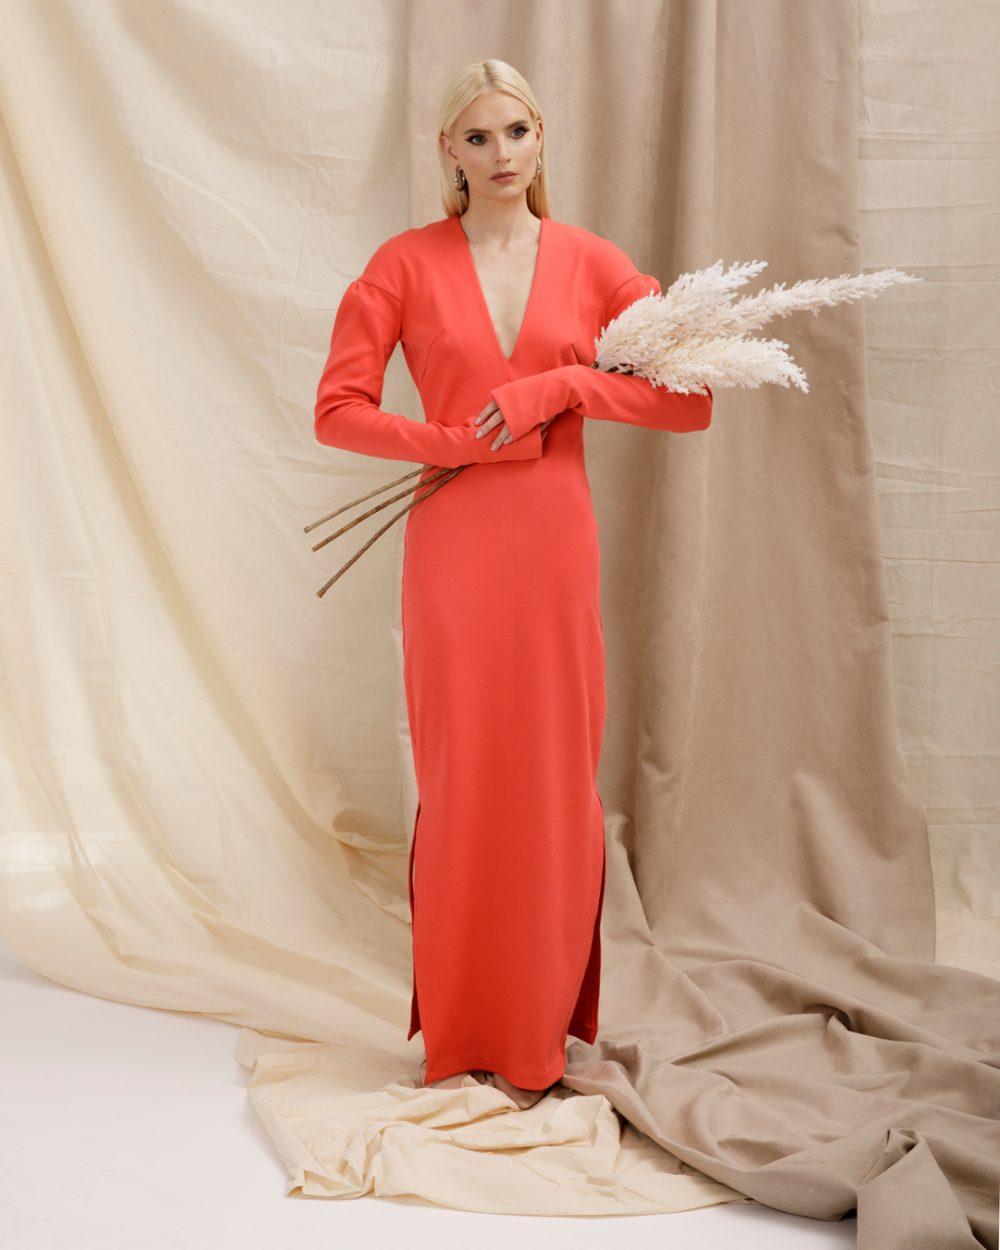 Ninamilan01562 e1622645745738 NINAMILÁN studio nam predstavlja novu resort 2021. kolekciju za odvažno modno leto